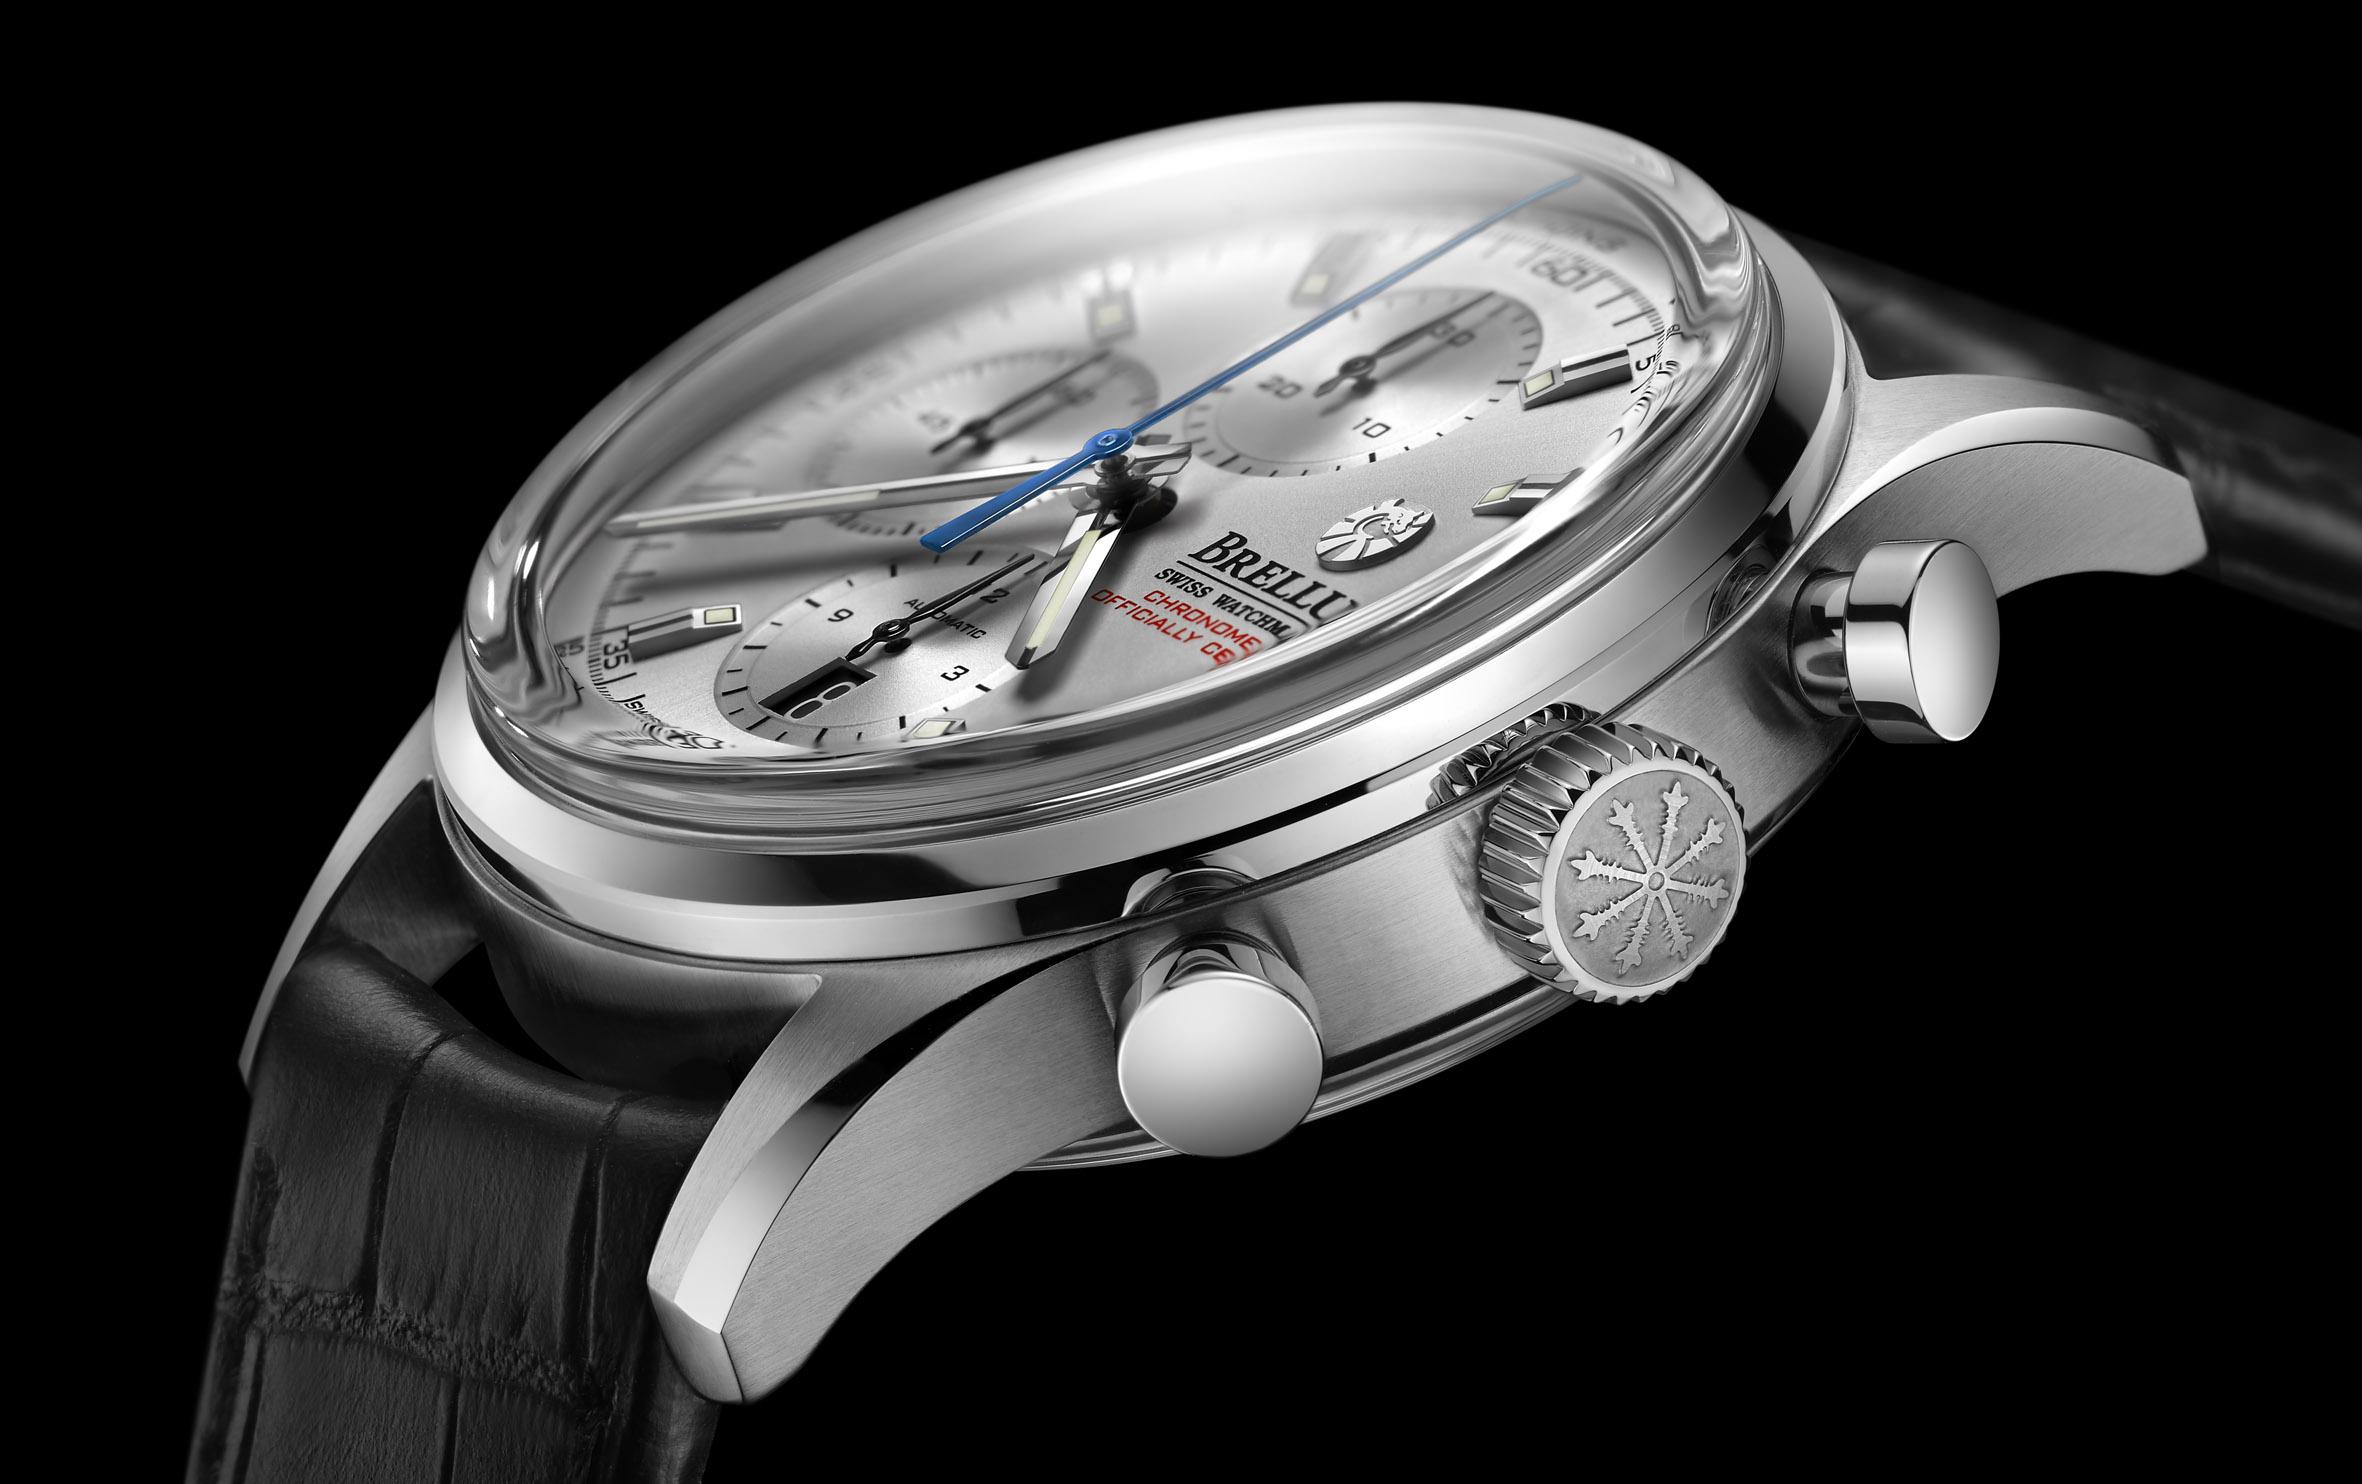 Rise of the Swiss Micro brands: Brellum Duobox Chronometer